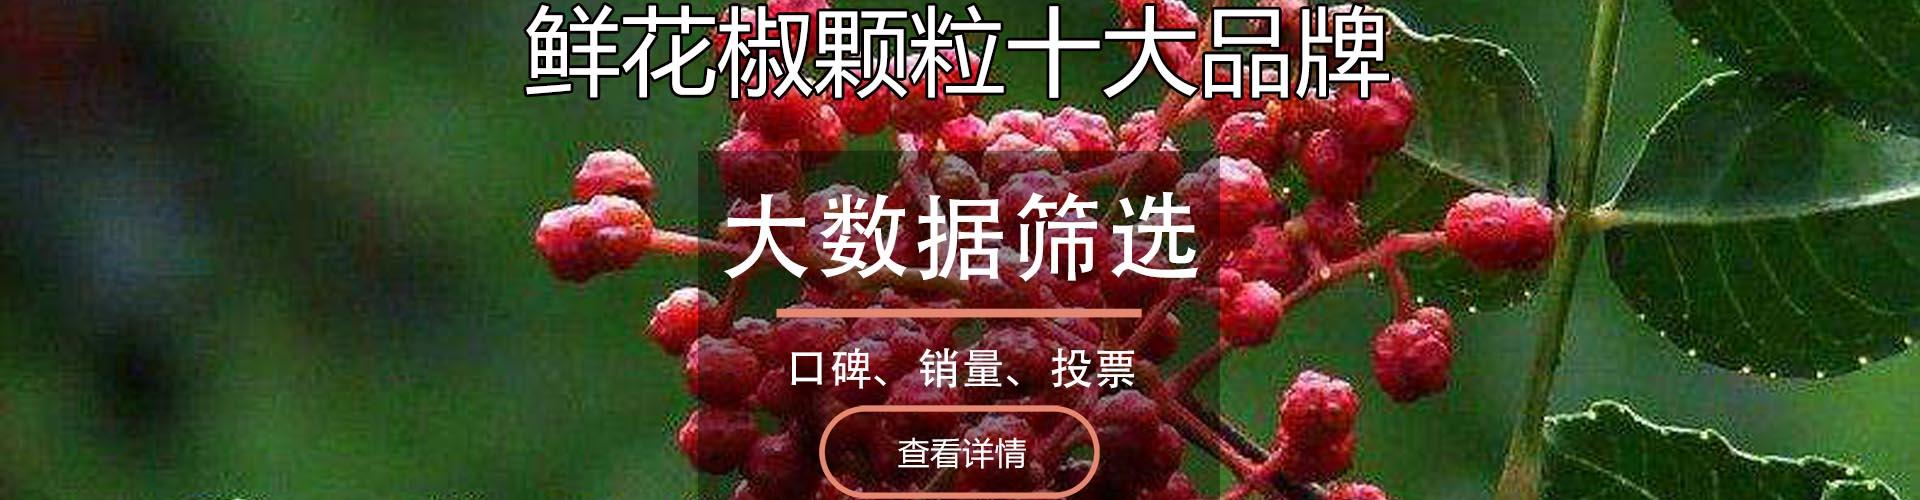 鲜花椒颗粒十大品牌排行榜